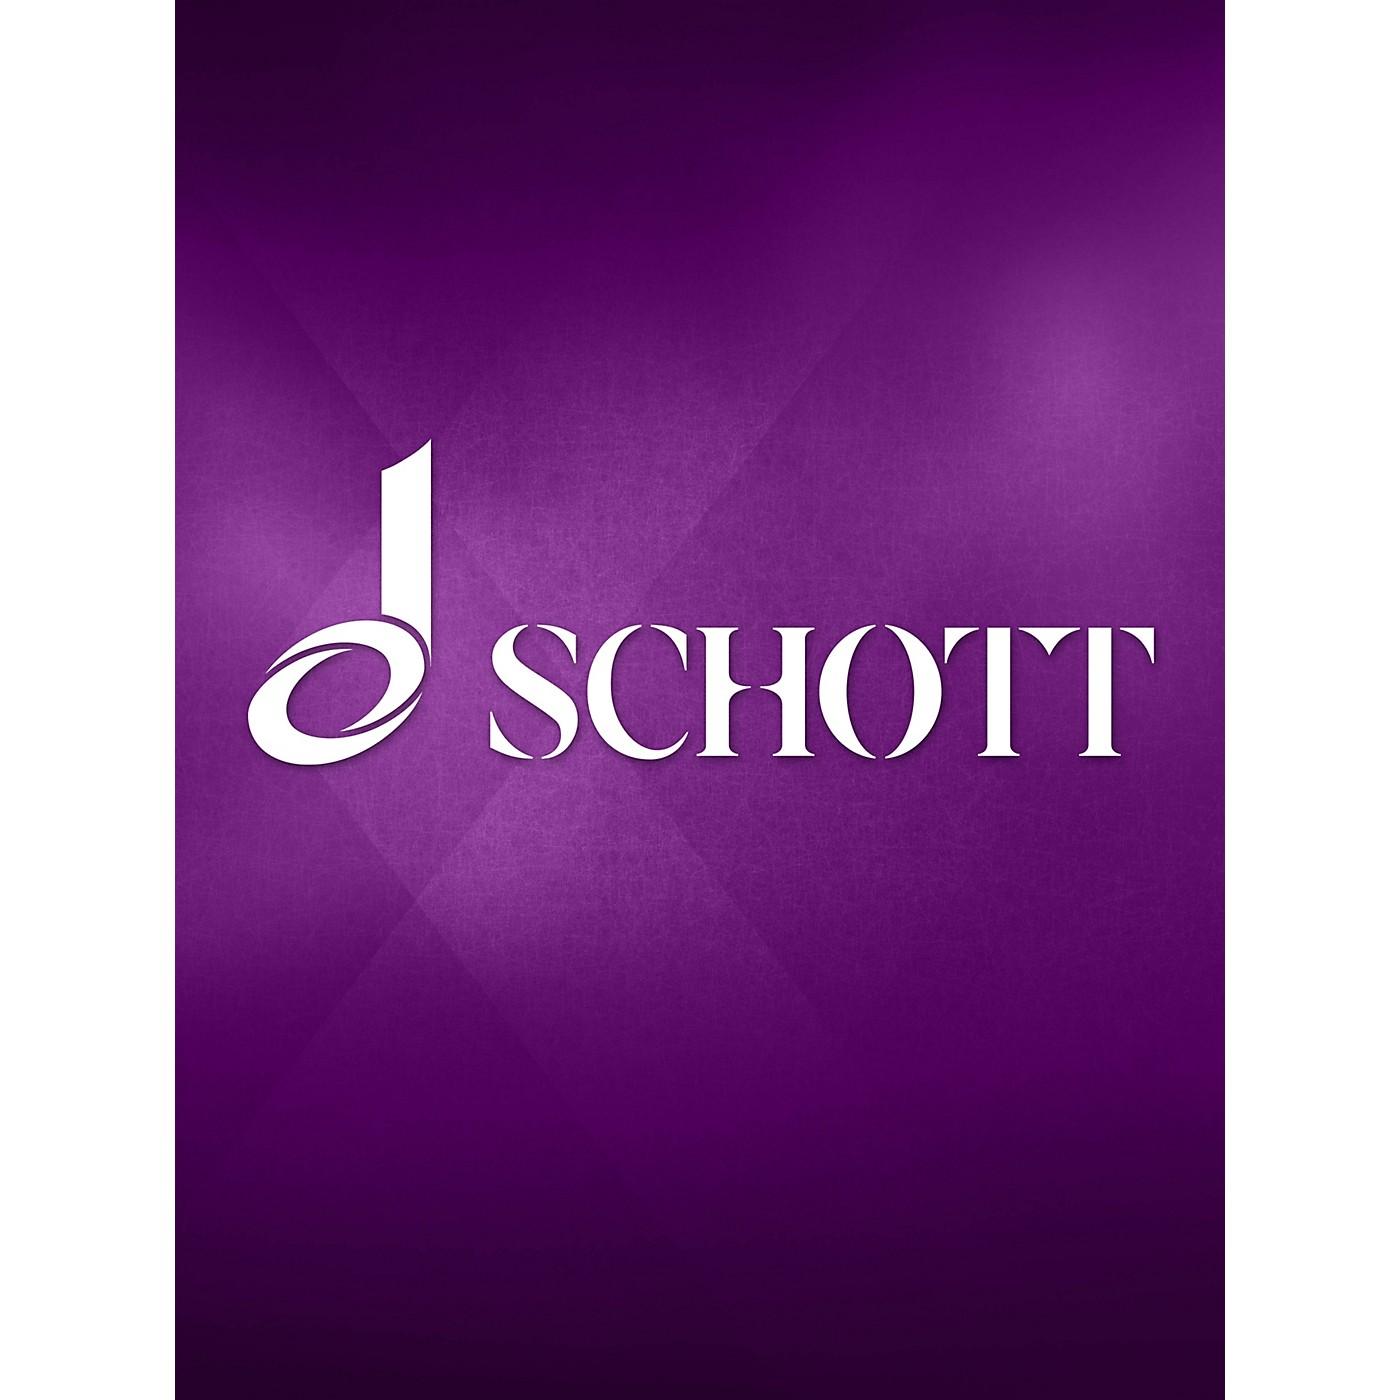 Schott Tesoro Mio Waltz in D Major, Op. 228 Schott Series thumbnail